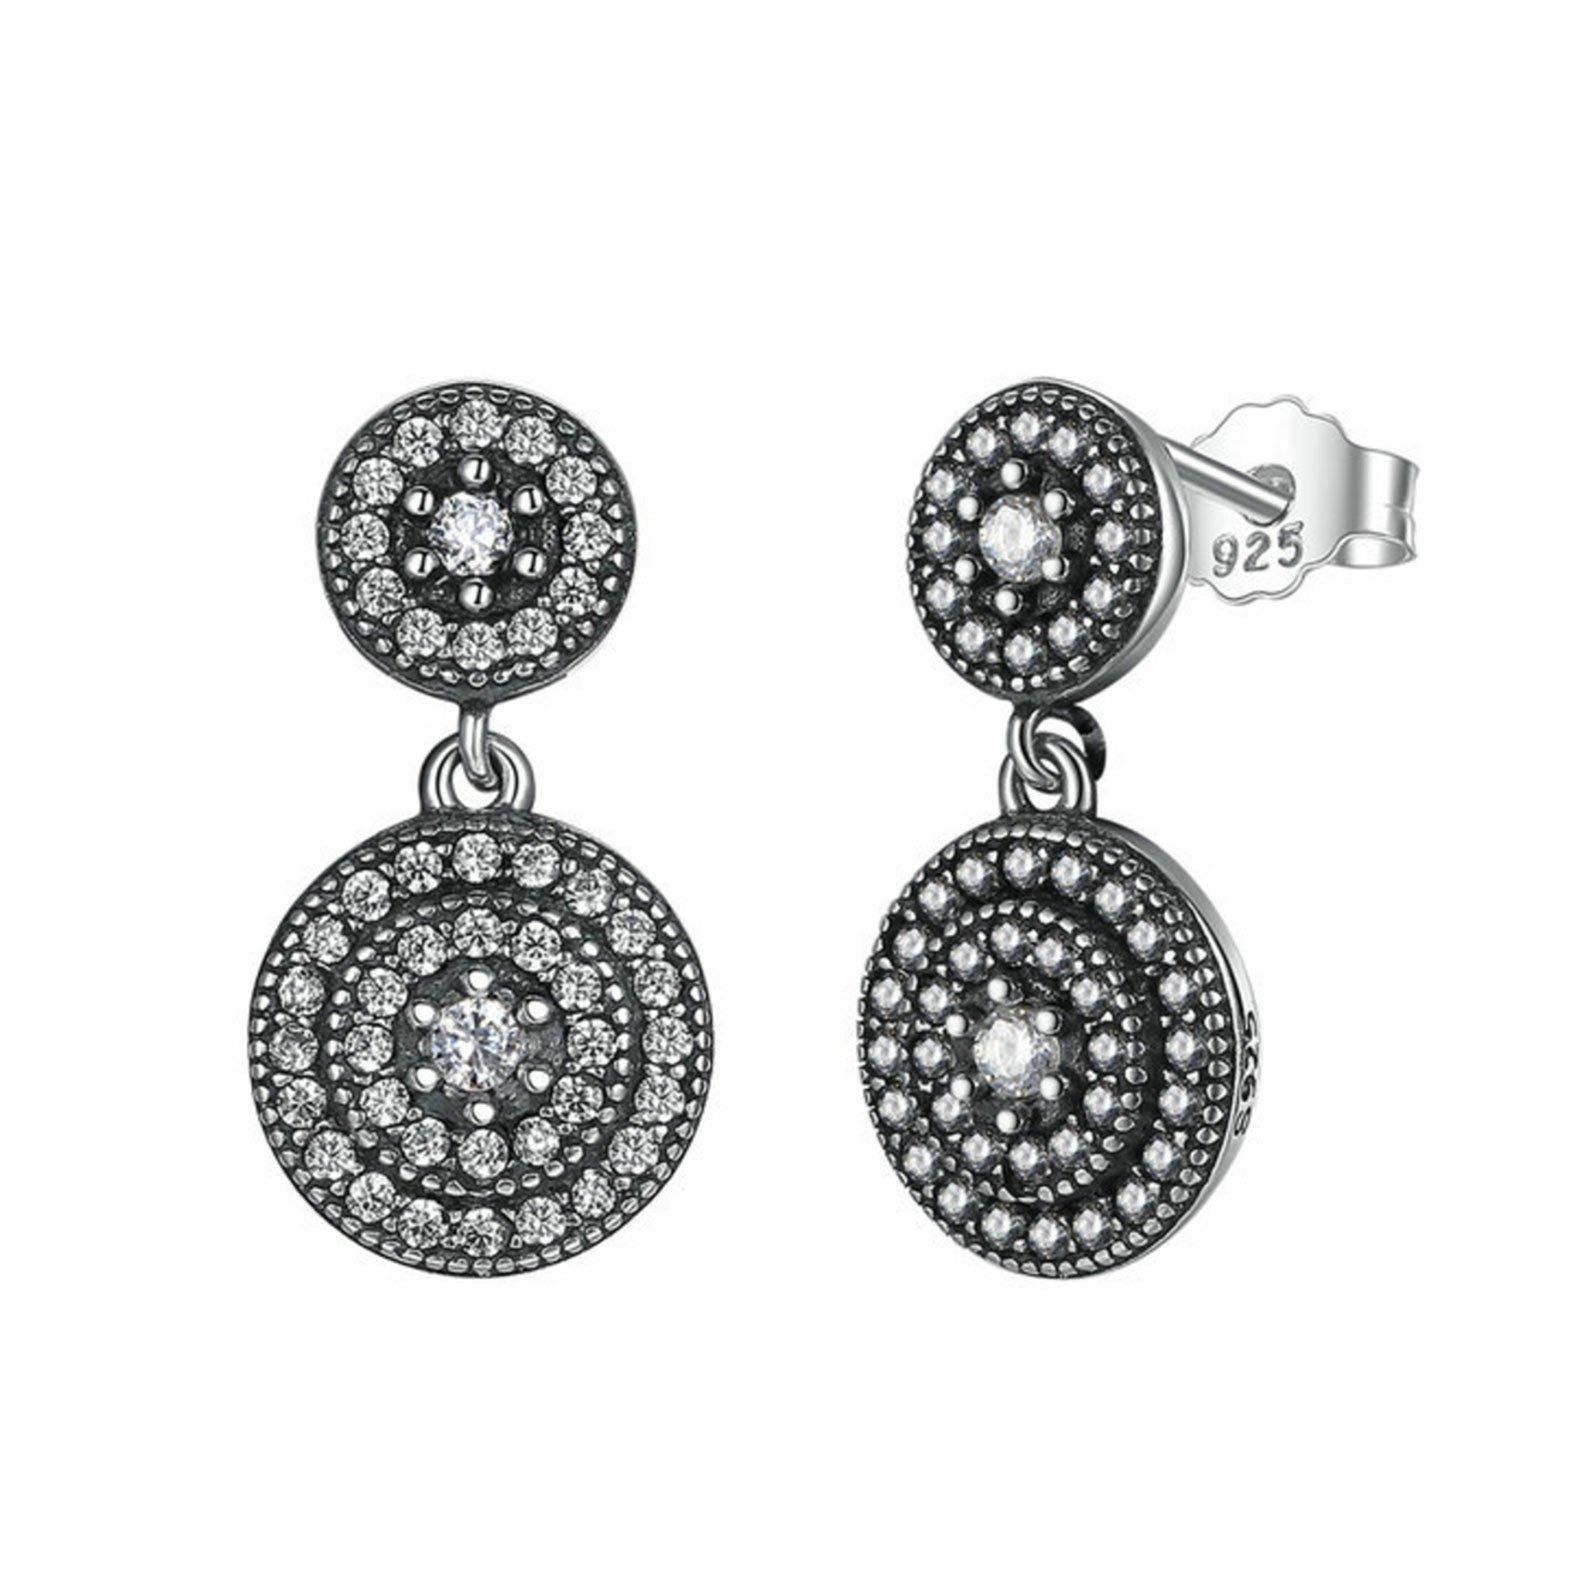 db4c1b0fa Radiant Elegance Sterling Silver Earrings - Jewellery, UK Jewellery ...